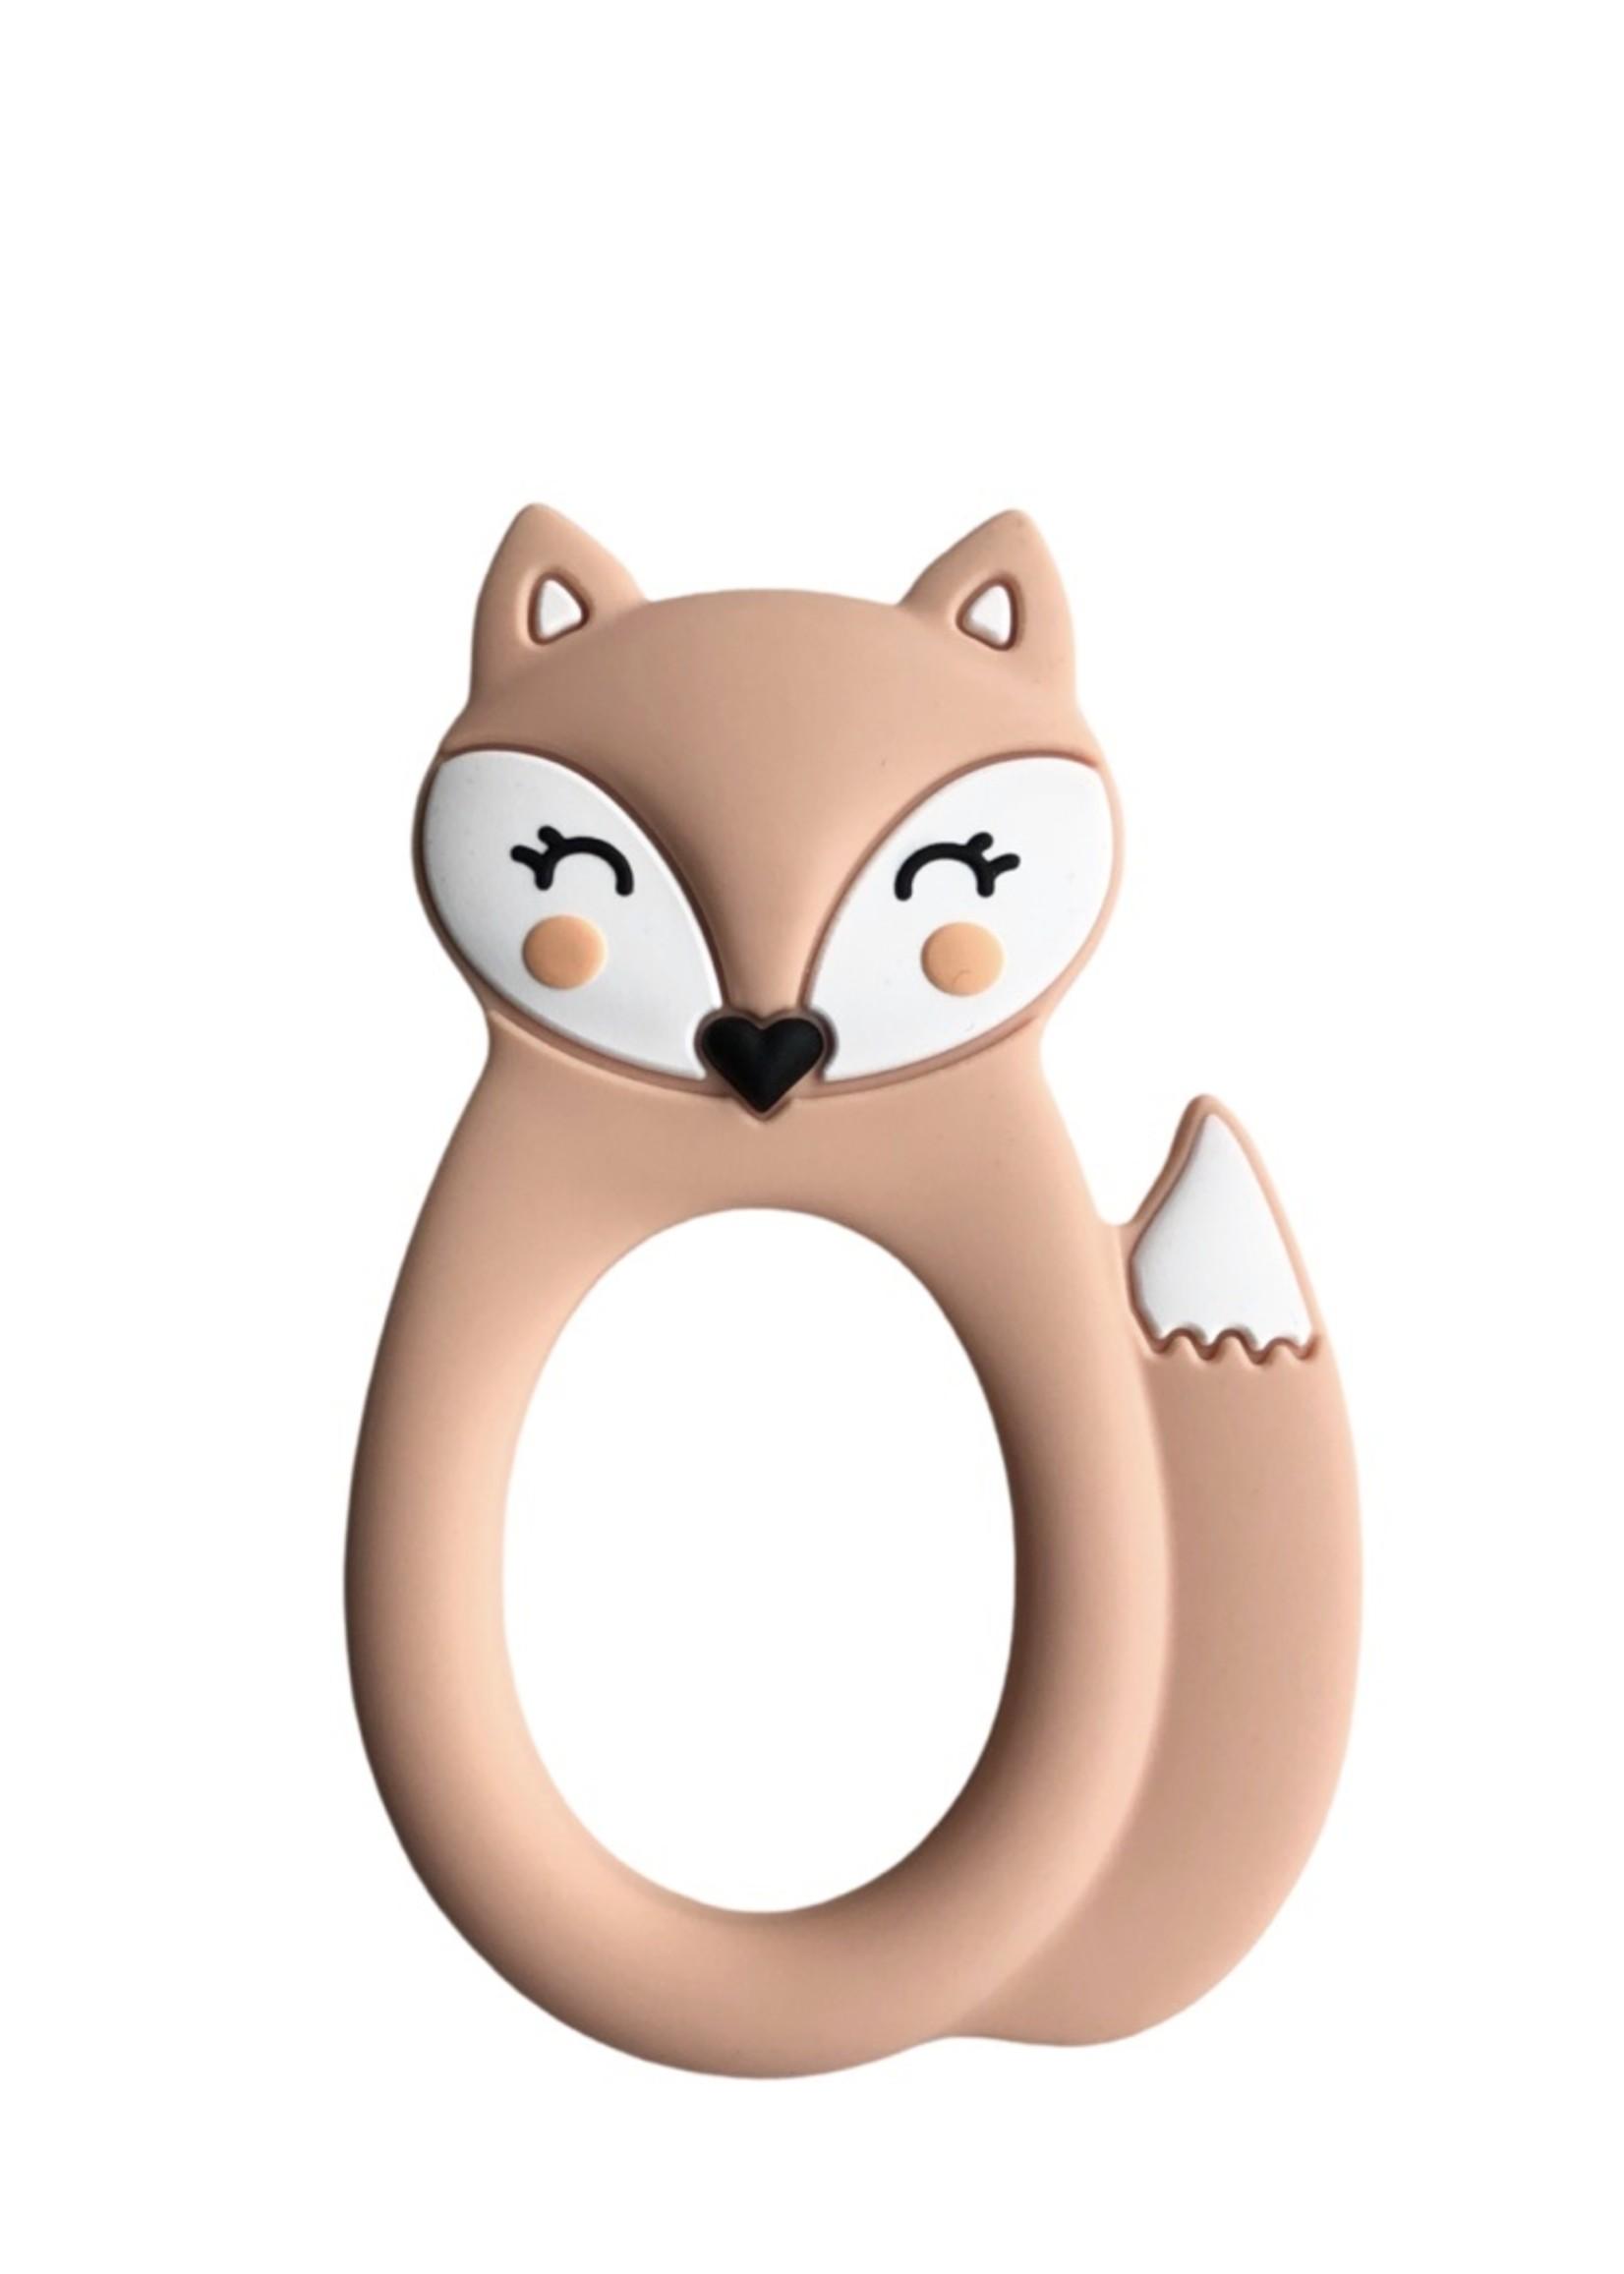 LITTLE CHEEKS Peach Fox SILICONE TEETHER